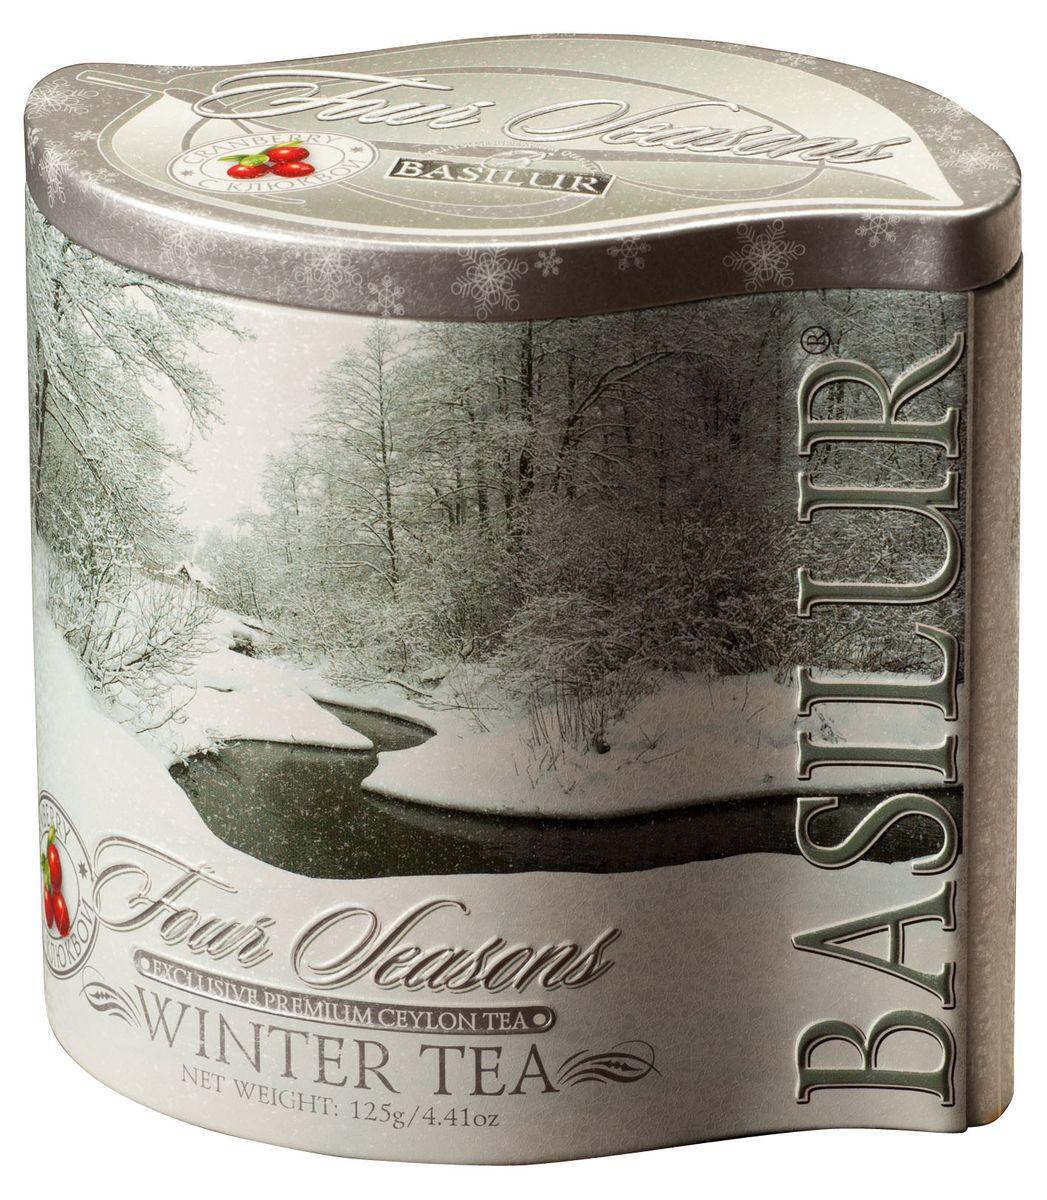 Basilur Winter Tea черный листовой чай, 125 г (жестяная банка)70112-00Чёрный цейлонский байховый листовой чай Basilur Winter Tea с ягодами и ароматом клюквы станет прекрасным поводом для того, чтобы собраться на чаепитие в кругу близких и друзей.Прекрасная смесь лучших сортов цейлонского чая стандарта ОP и натуральных ягод клюквы специально составлена нашими мастерами-дегустаторами чая, что бы вызвать у вас восхищение изысканностью вкуса и аромата. Зимний чай Basilur согреет в холодные дни и подарит бодрость - в жаркие.